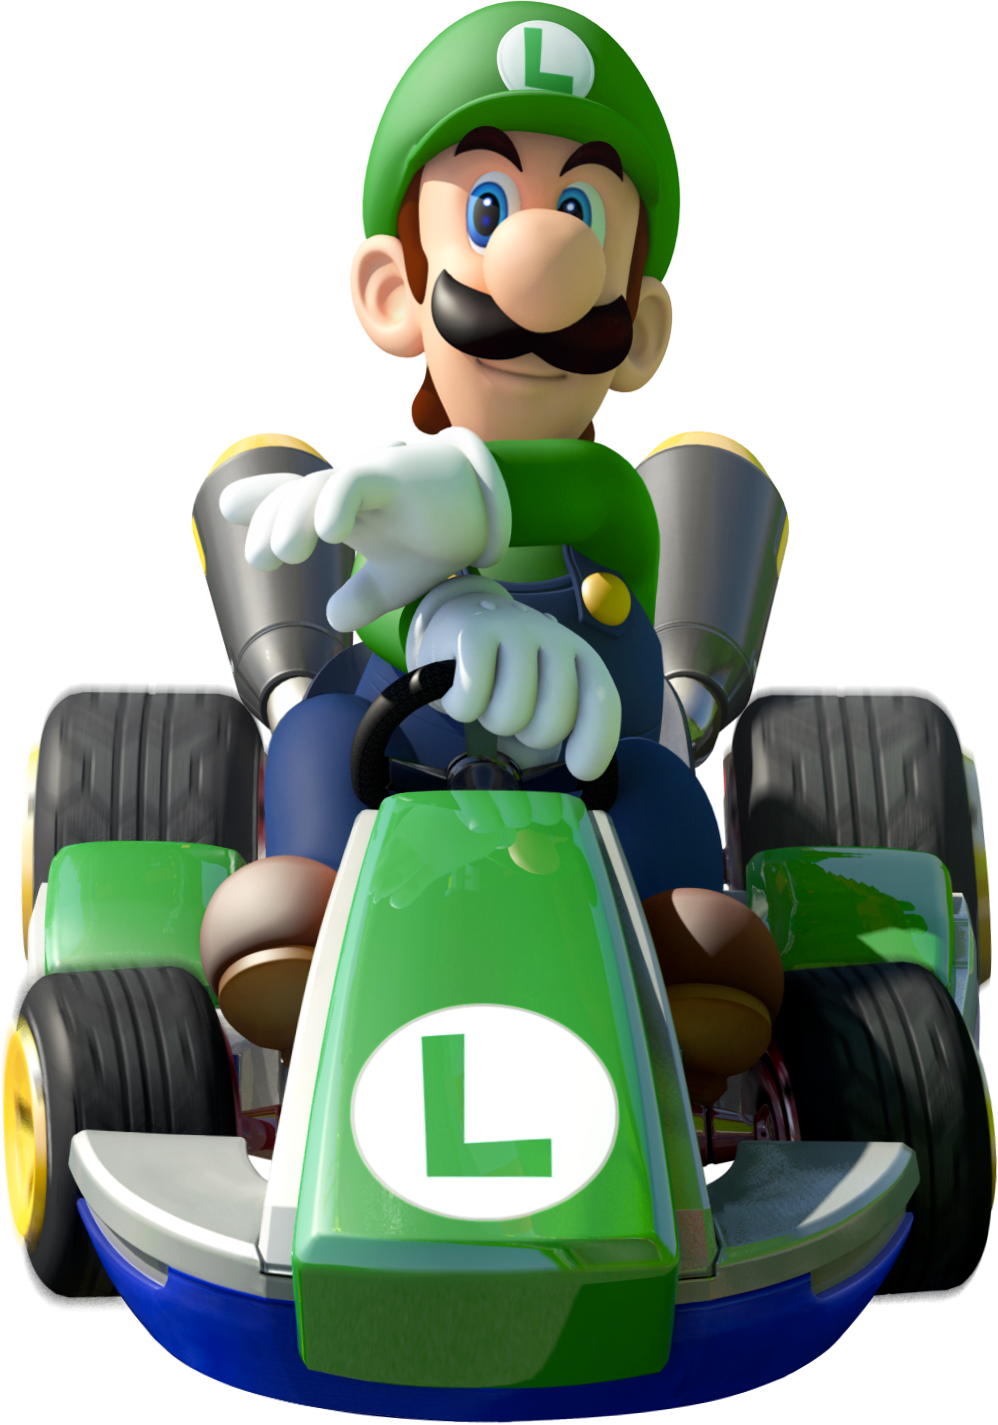 Luigi In Mario Kart 8 Mario Kart Mario Kart Characters Mario Kart 8